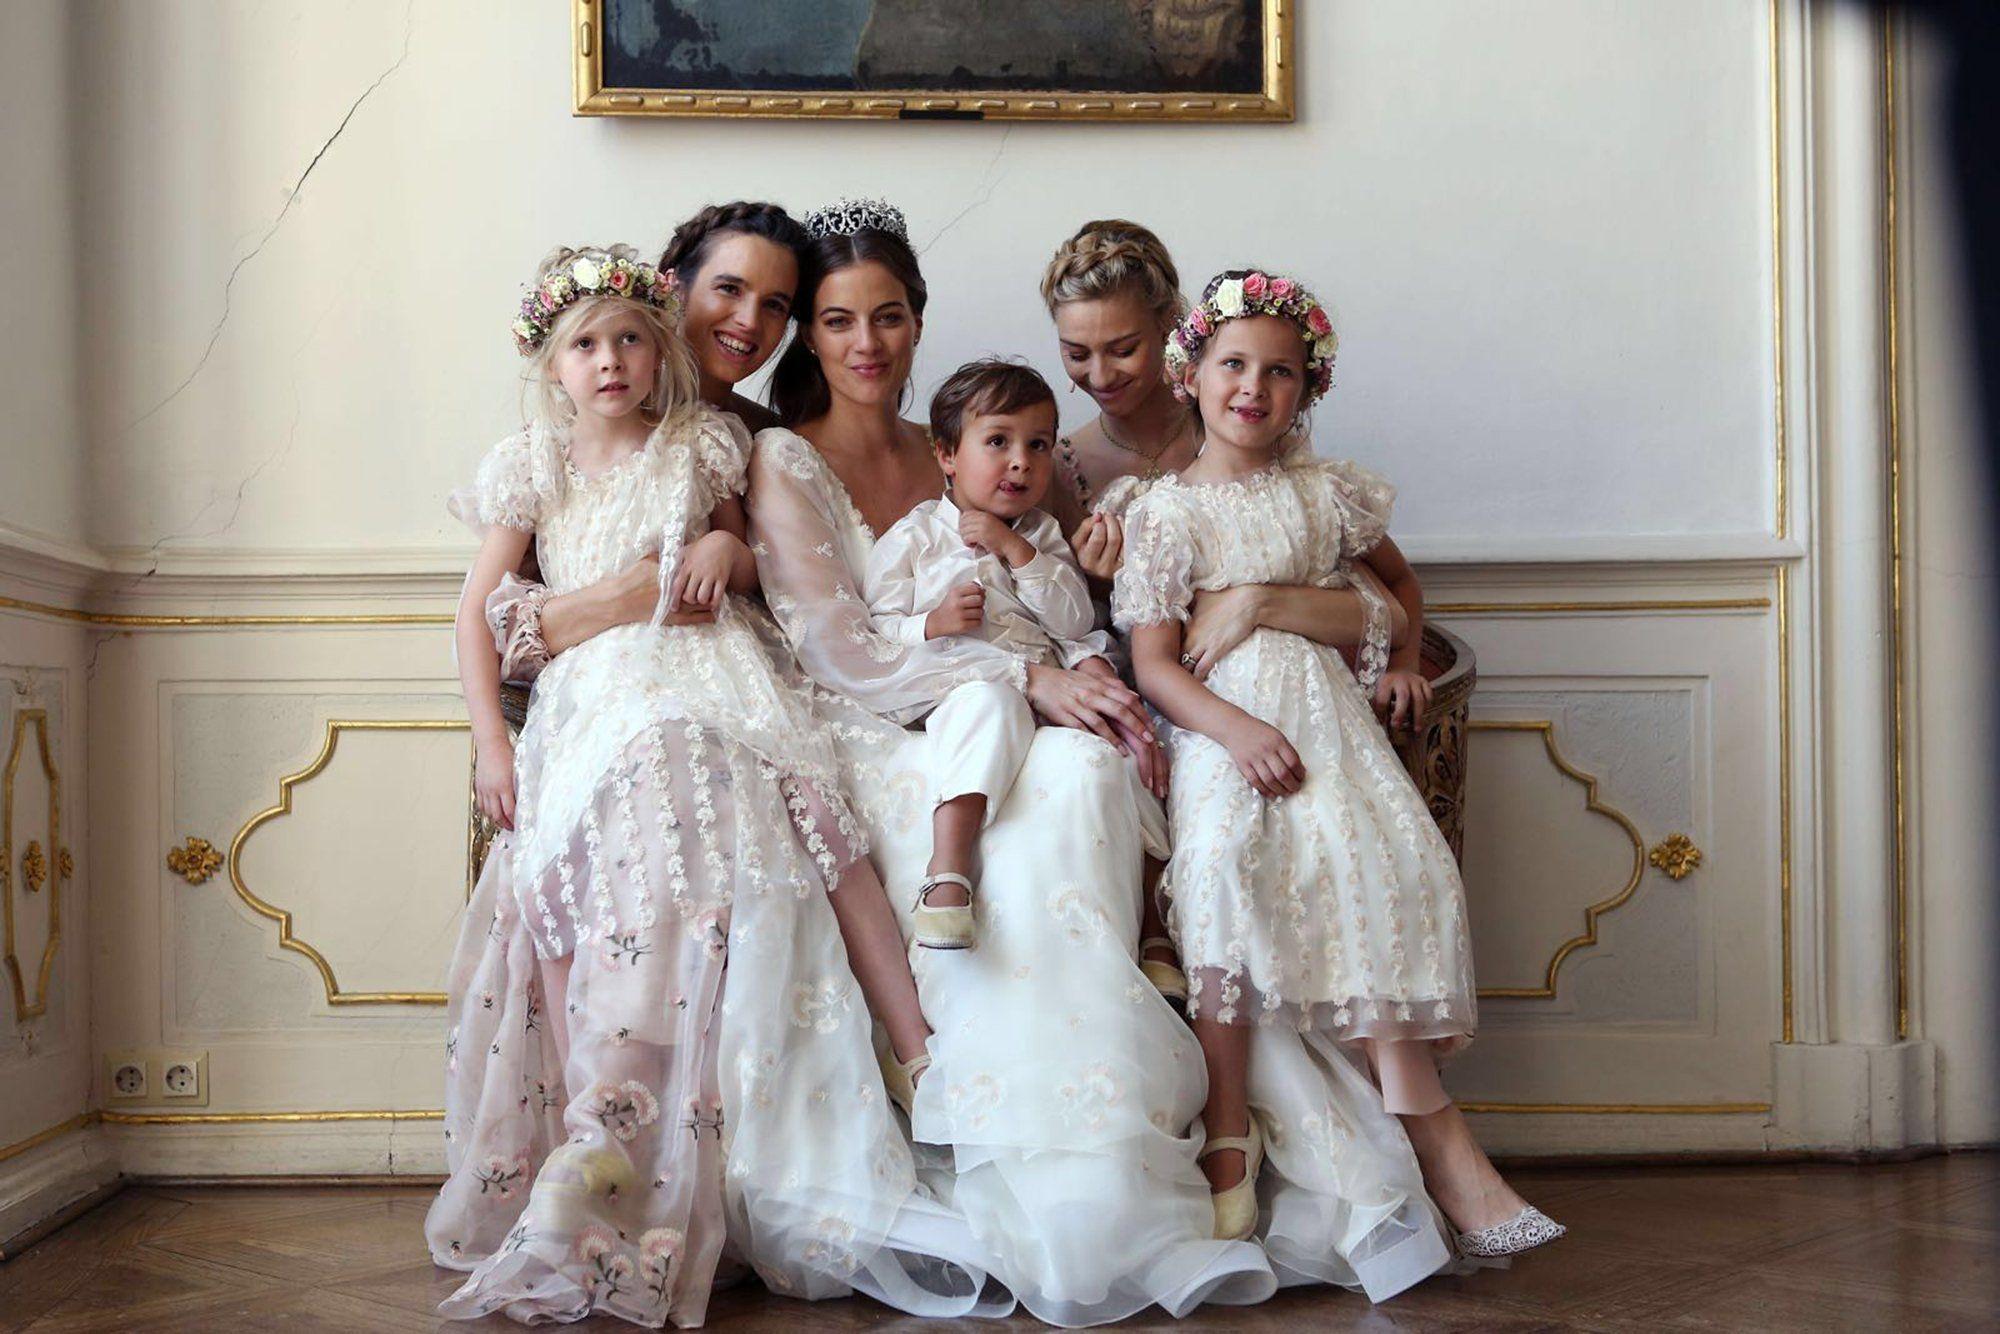 Royal wedding dress  Baroness Cleopatra von Adelsheim von Ernest Marries Prince Franz